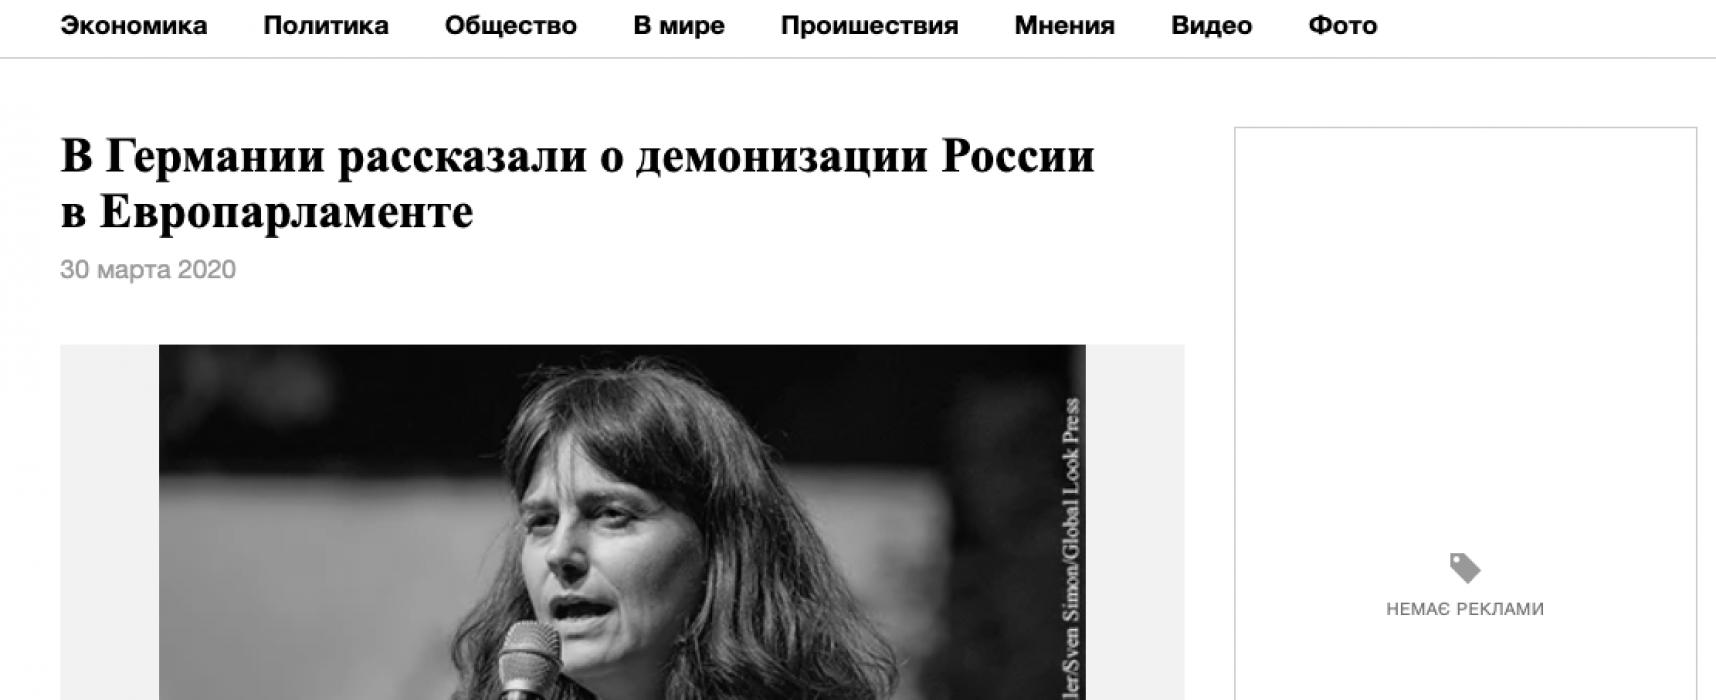 Фейк: обвиняя Кремль в дезинформации, ЕС и США скрывают провалы с пандемией